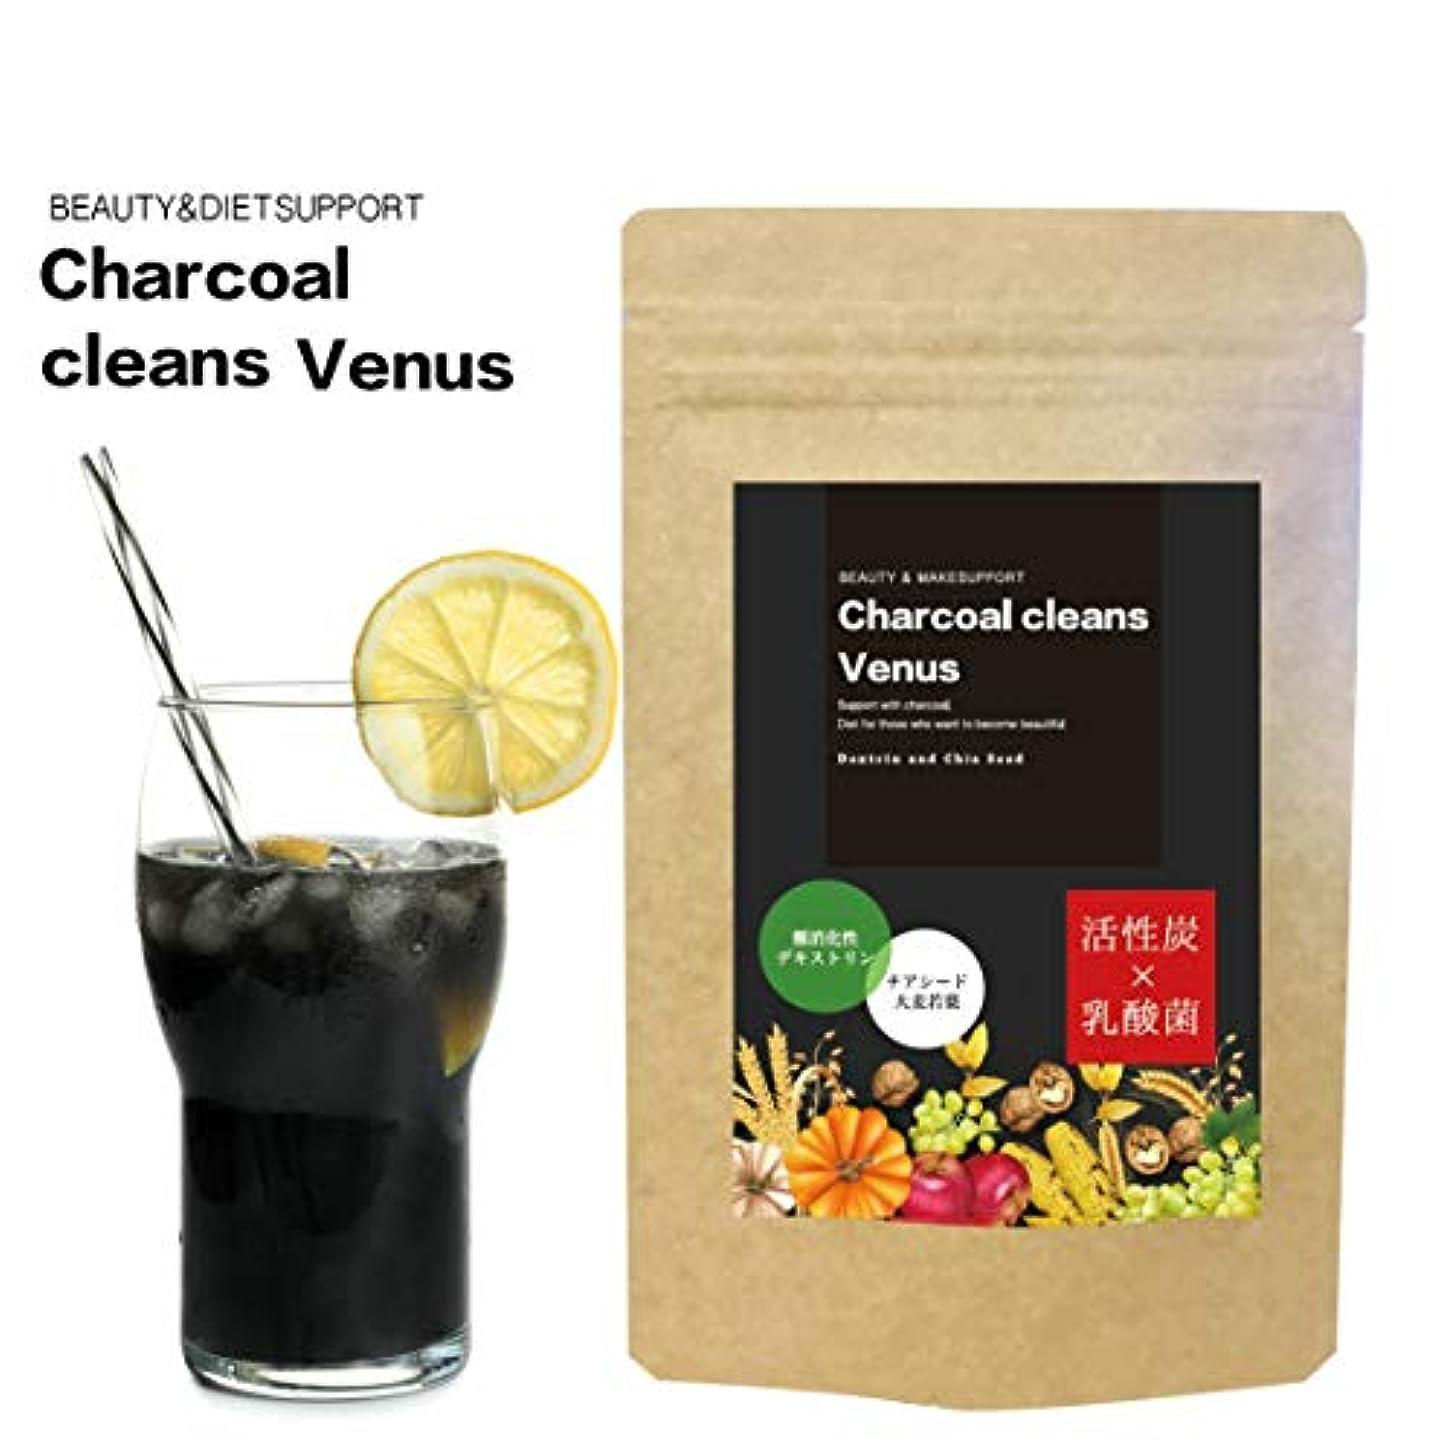 マリナー煙突うねる炭 デトックス & ダイエット 活性炭 + 乳酸菌 チャコールクレンズ ビーナス 約1ヶ月分 150g フルーツMIX味